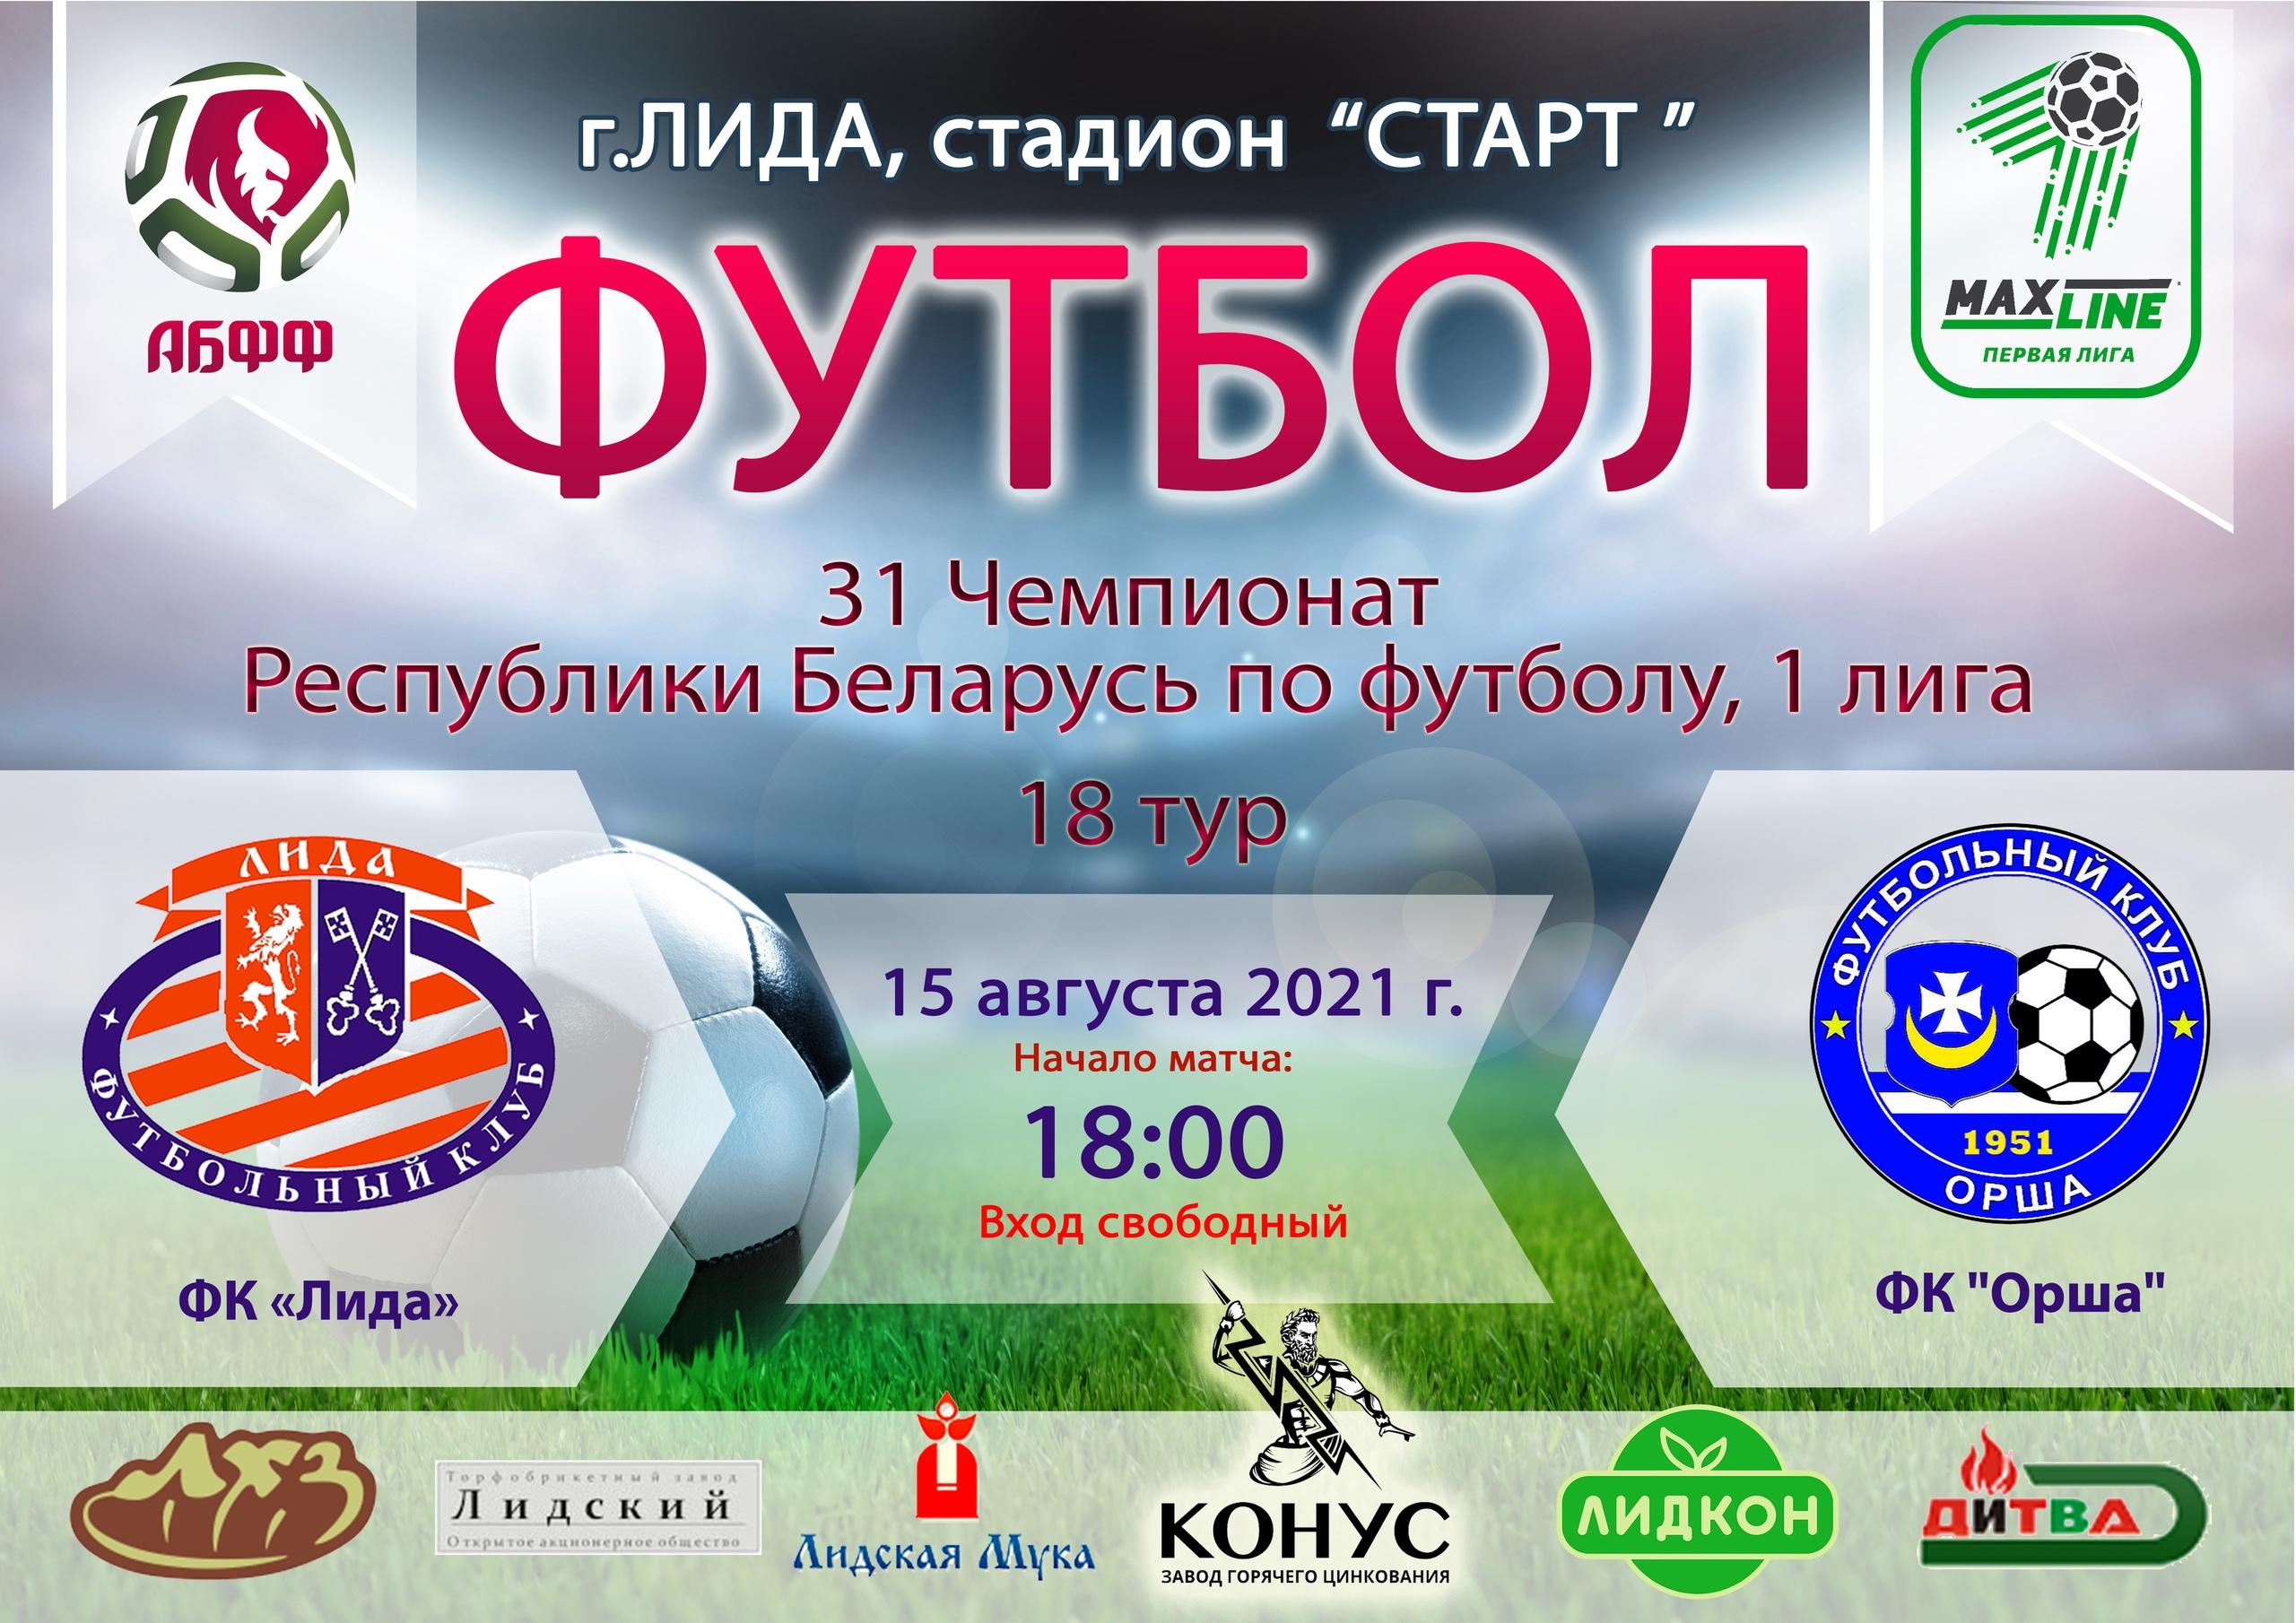 Футбольный клуб «Лида» проведет в предстоящее воскресенье, 15 августа, матч 18-го тура чемпионата страны в первой лиге.